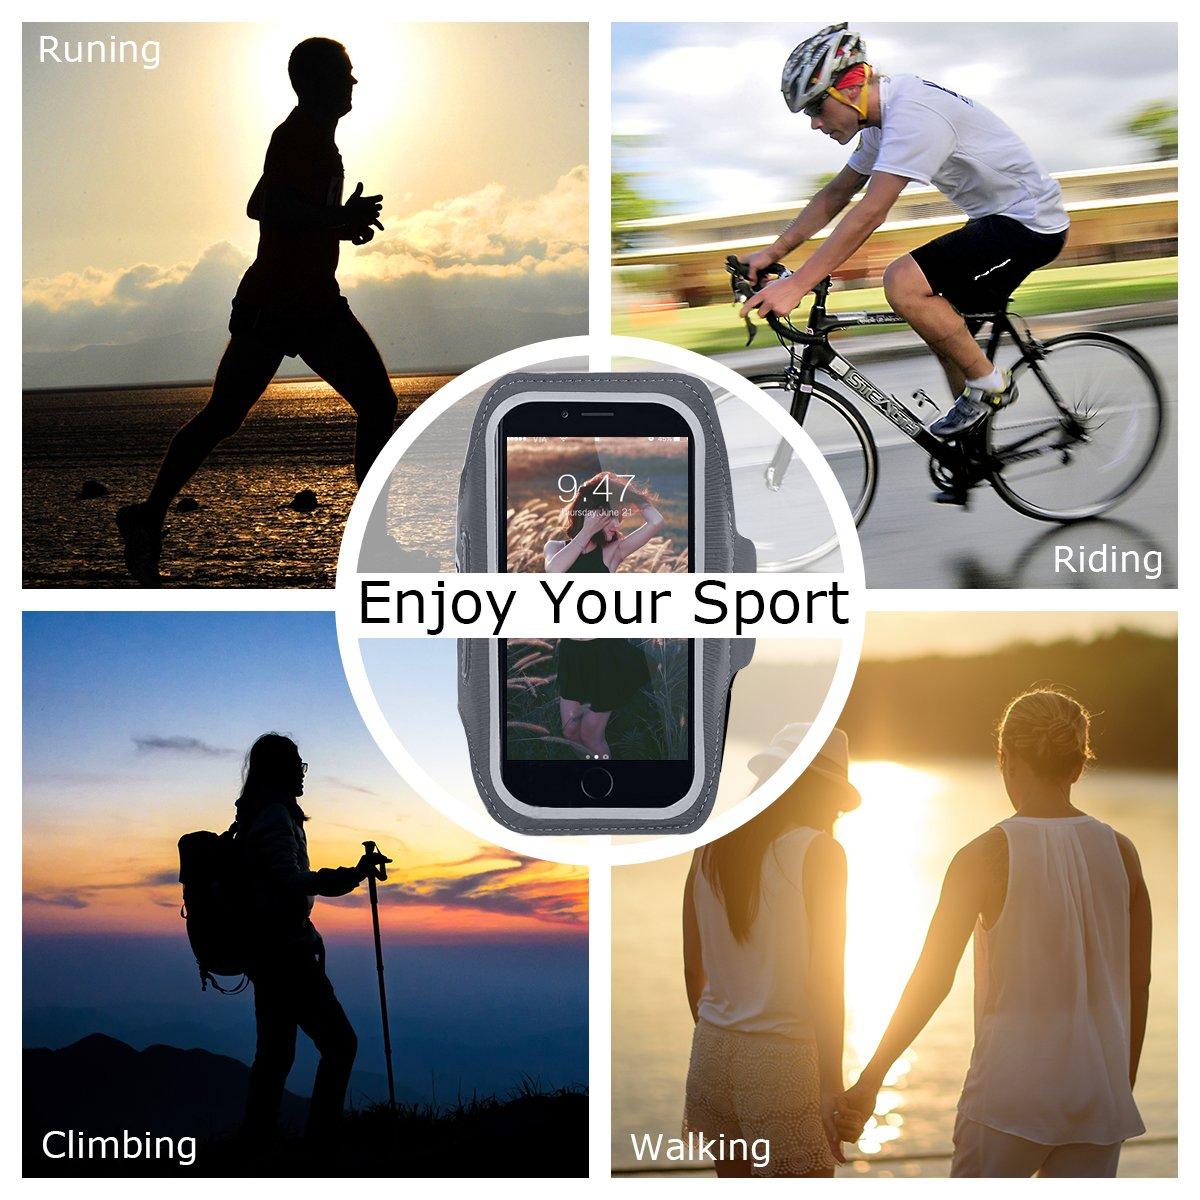 Schwarz CE-Link Sport Armband iPhone,Android Sportarmband H/ülle Handytasche Schwei/ßfest Running Armtasche Reiten Handyh/ülle f/ür iPhone Samsung Huawei 6.0 Inch